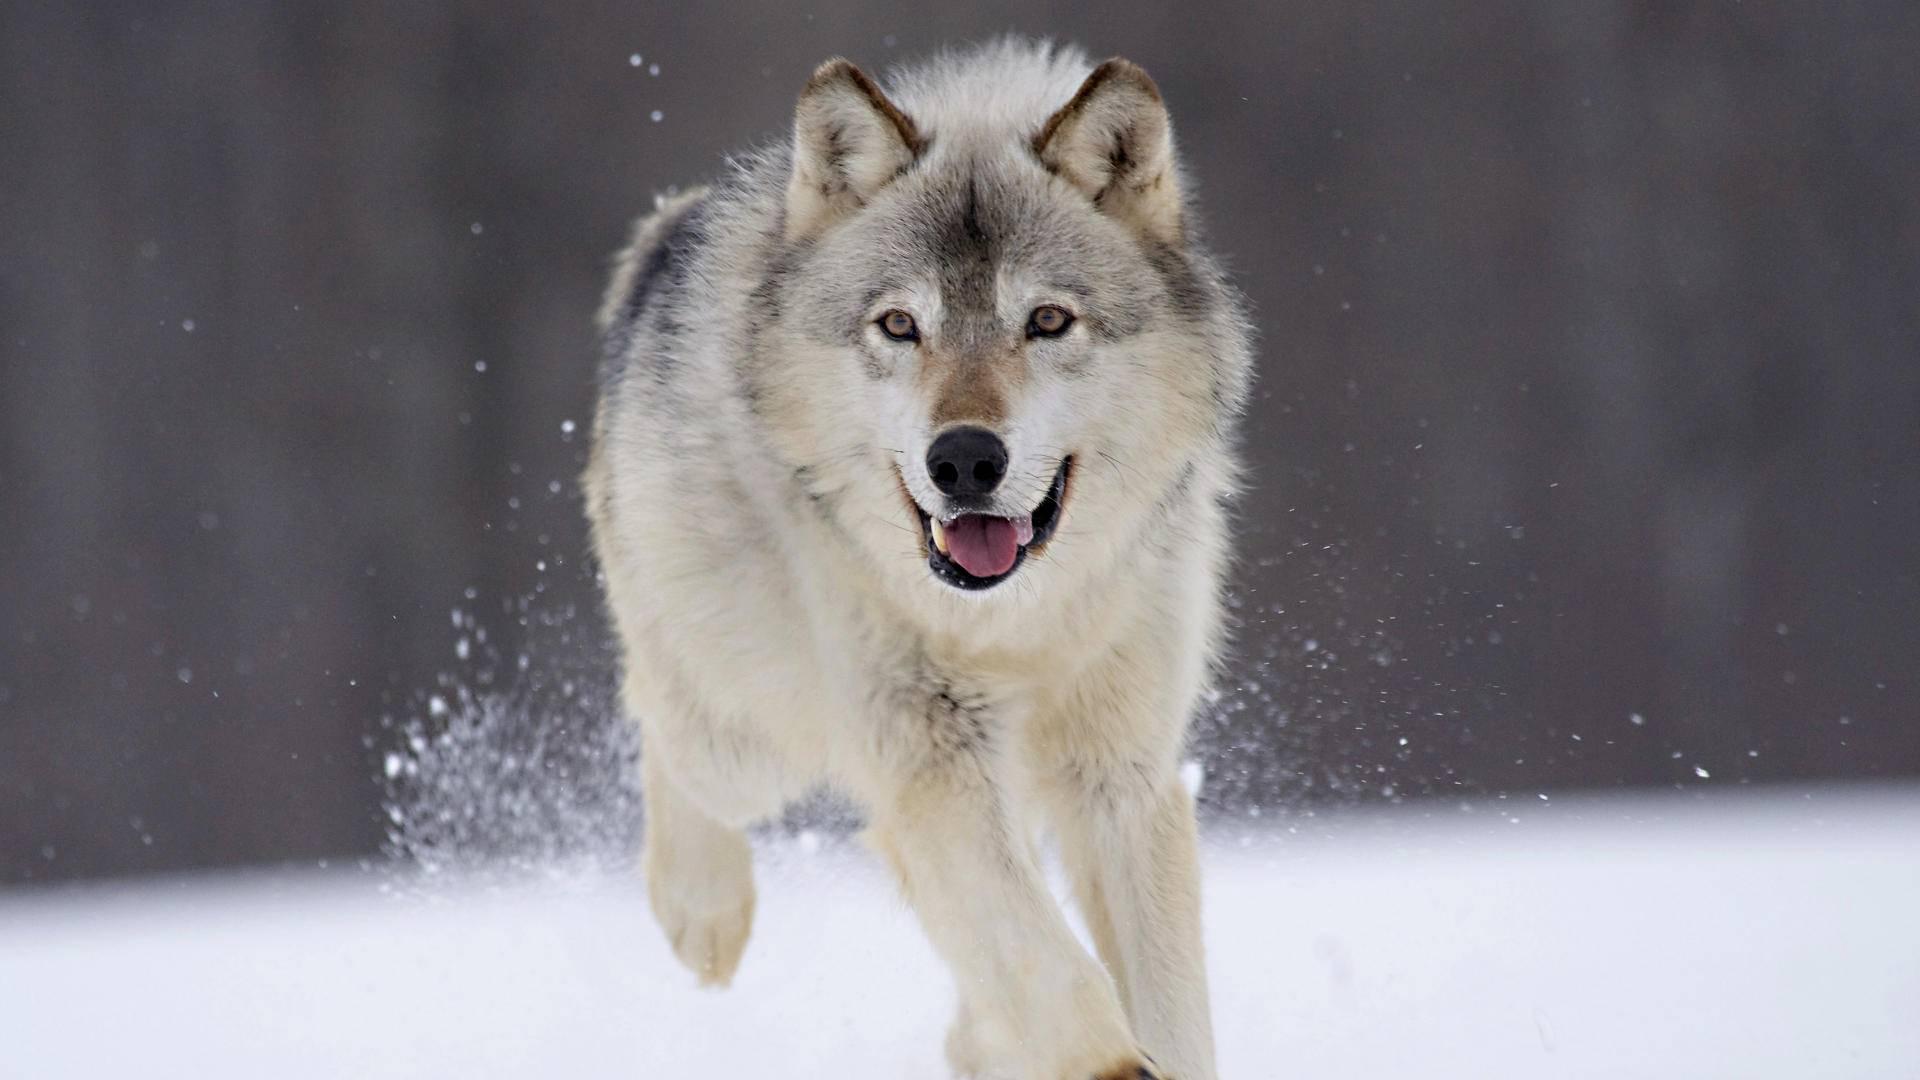 Качественные обои с предпросмотром на тему: волки и лисы.